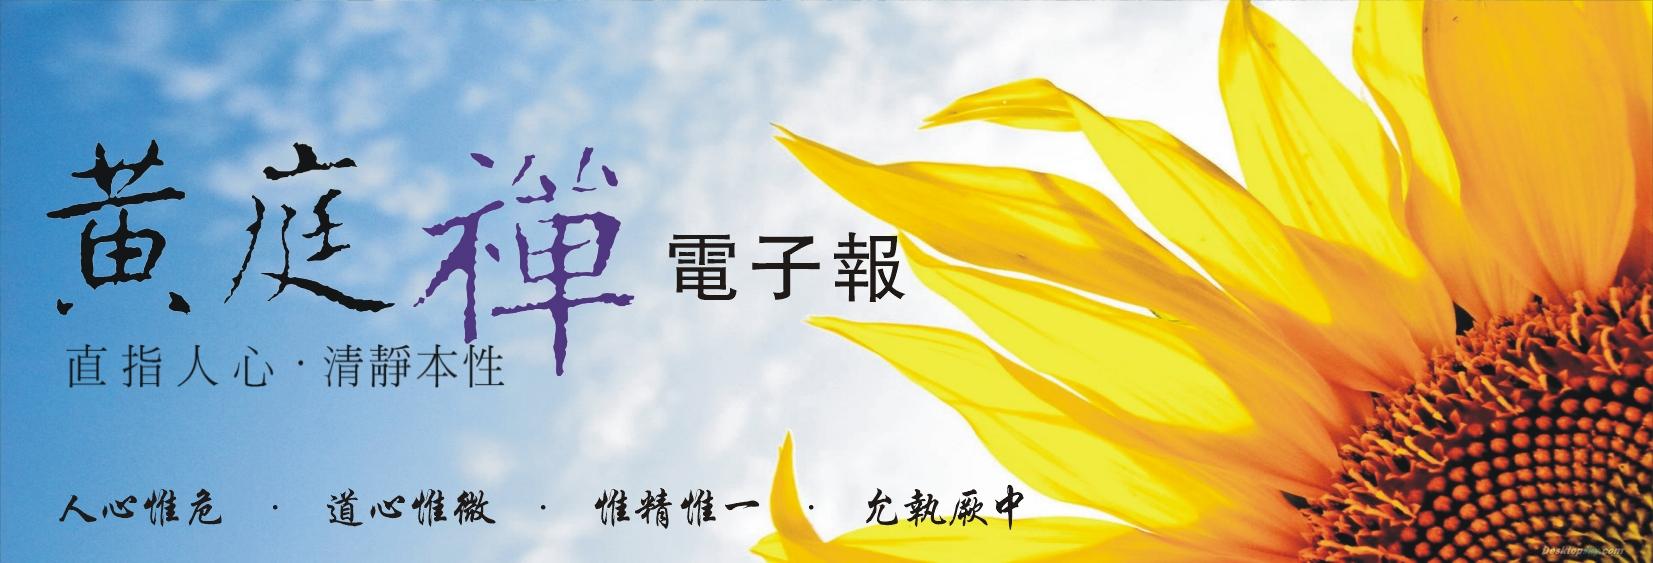 中華黃庭禪學會2020.07.11電子報